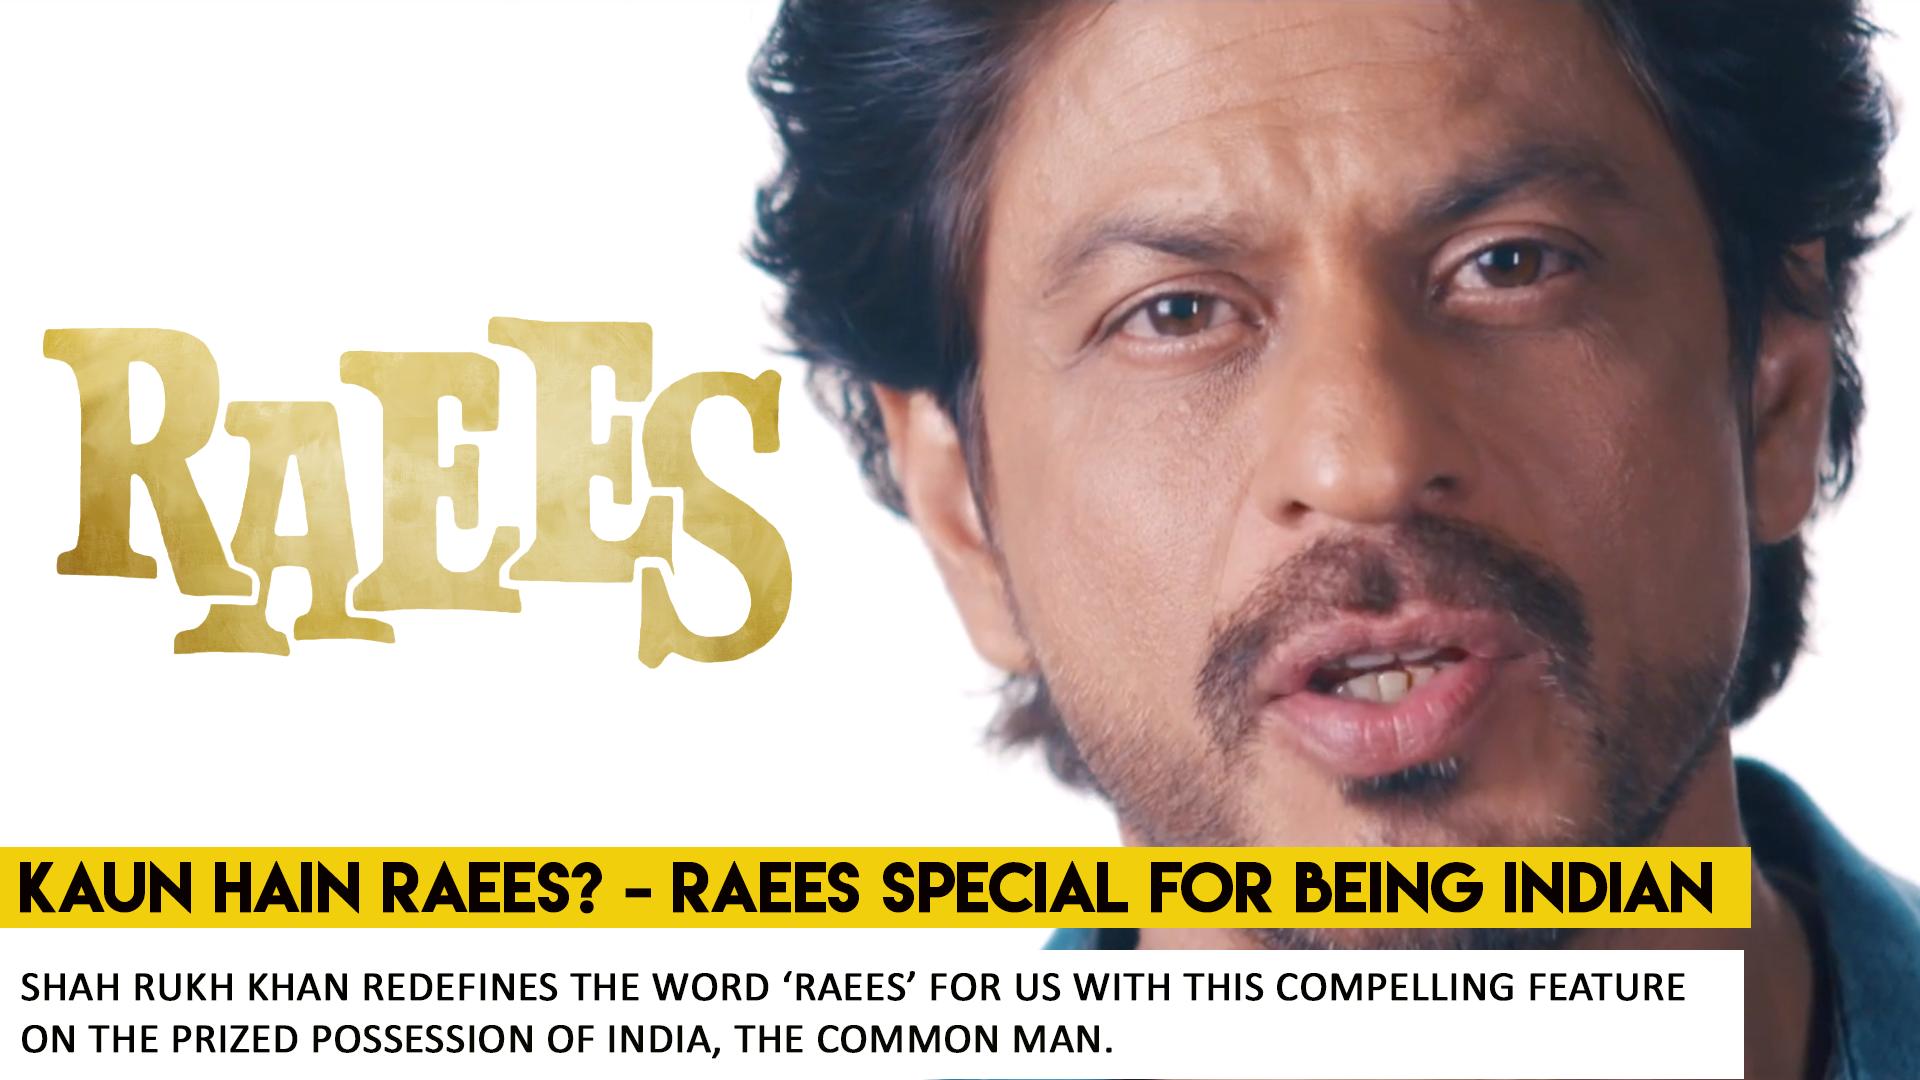 Kaun Hain Raees - What Works